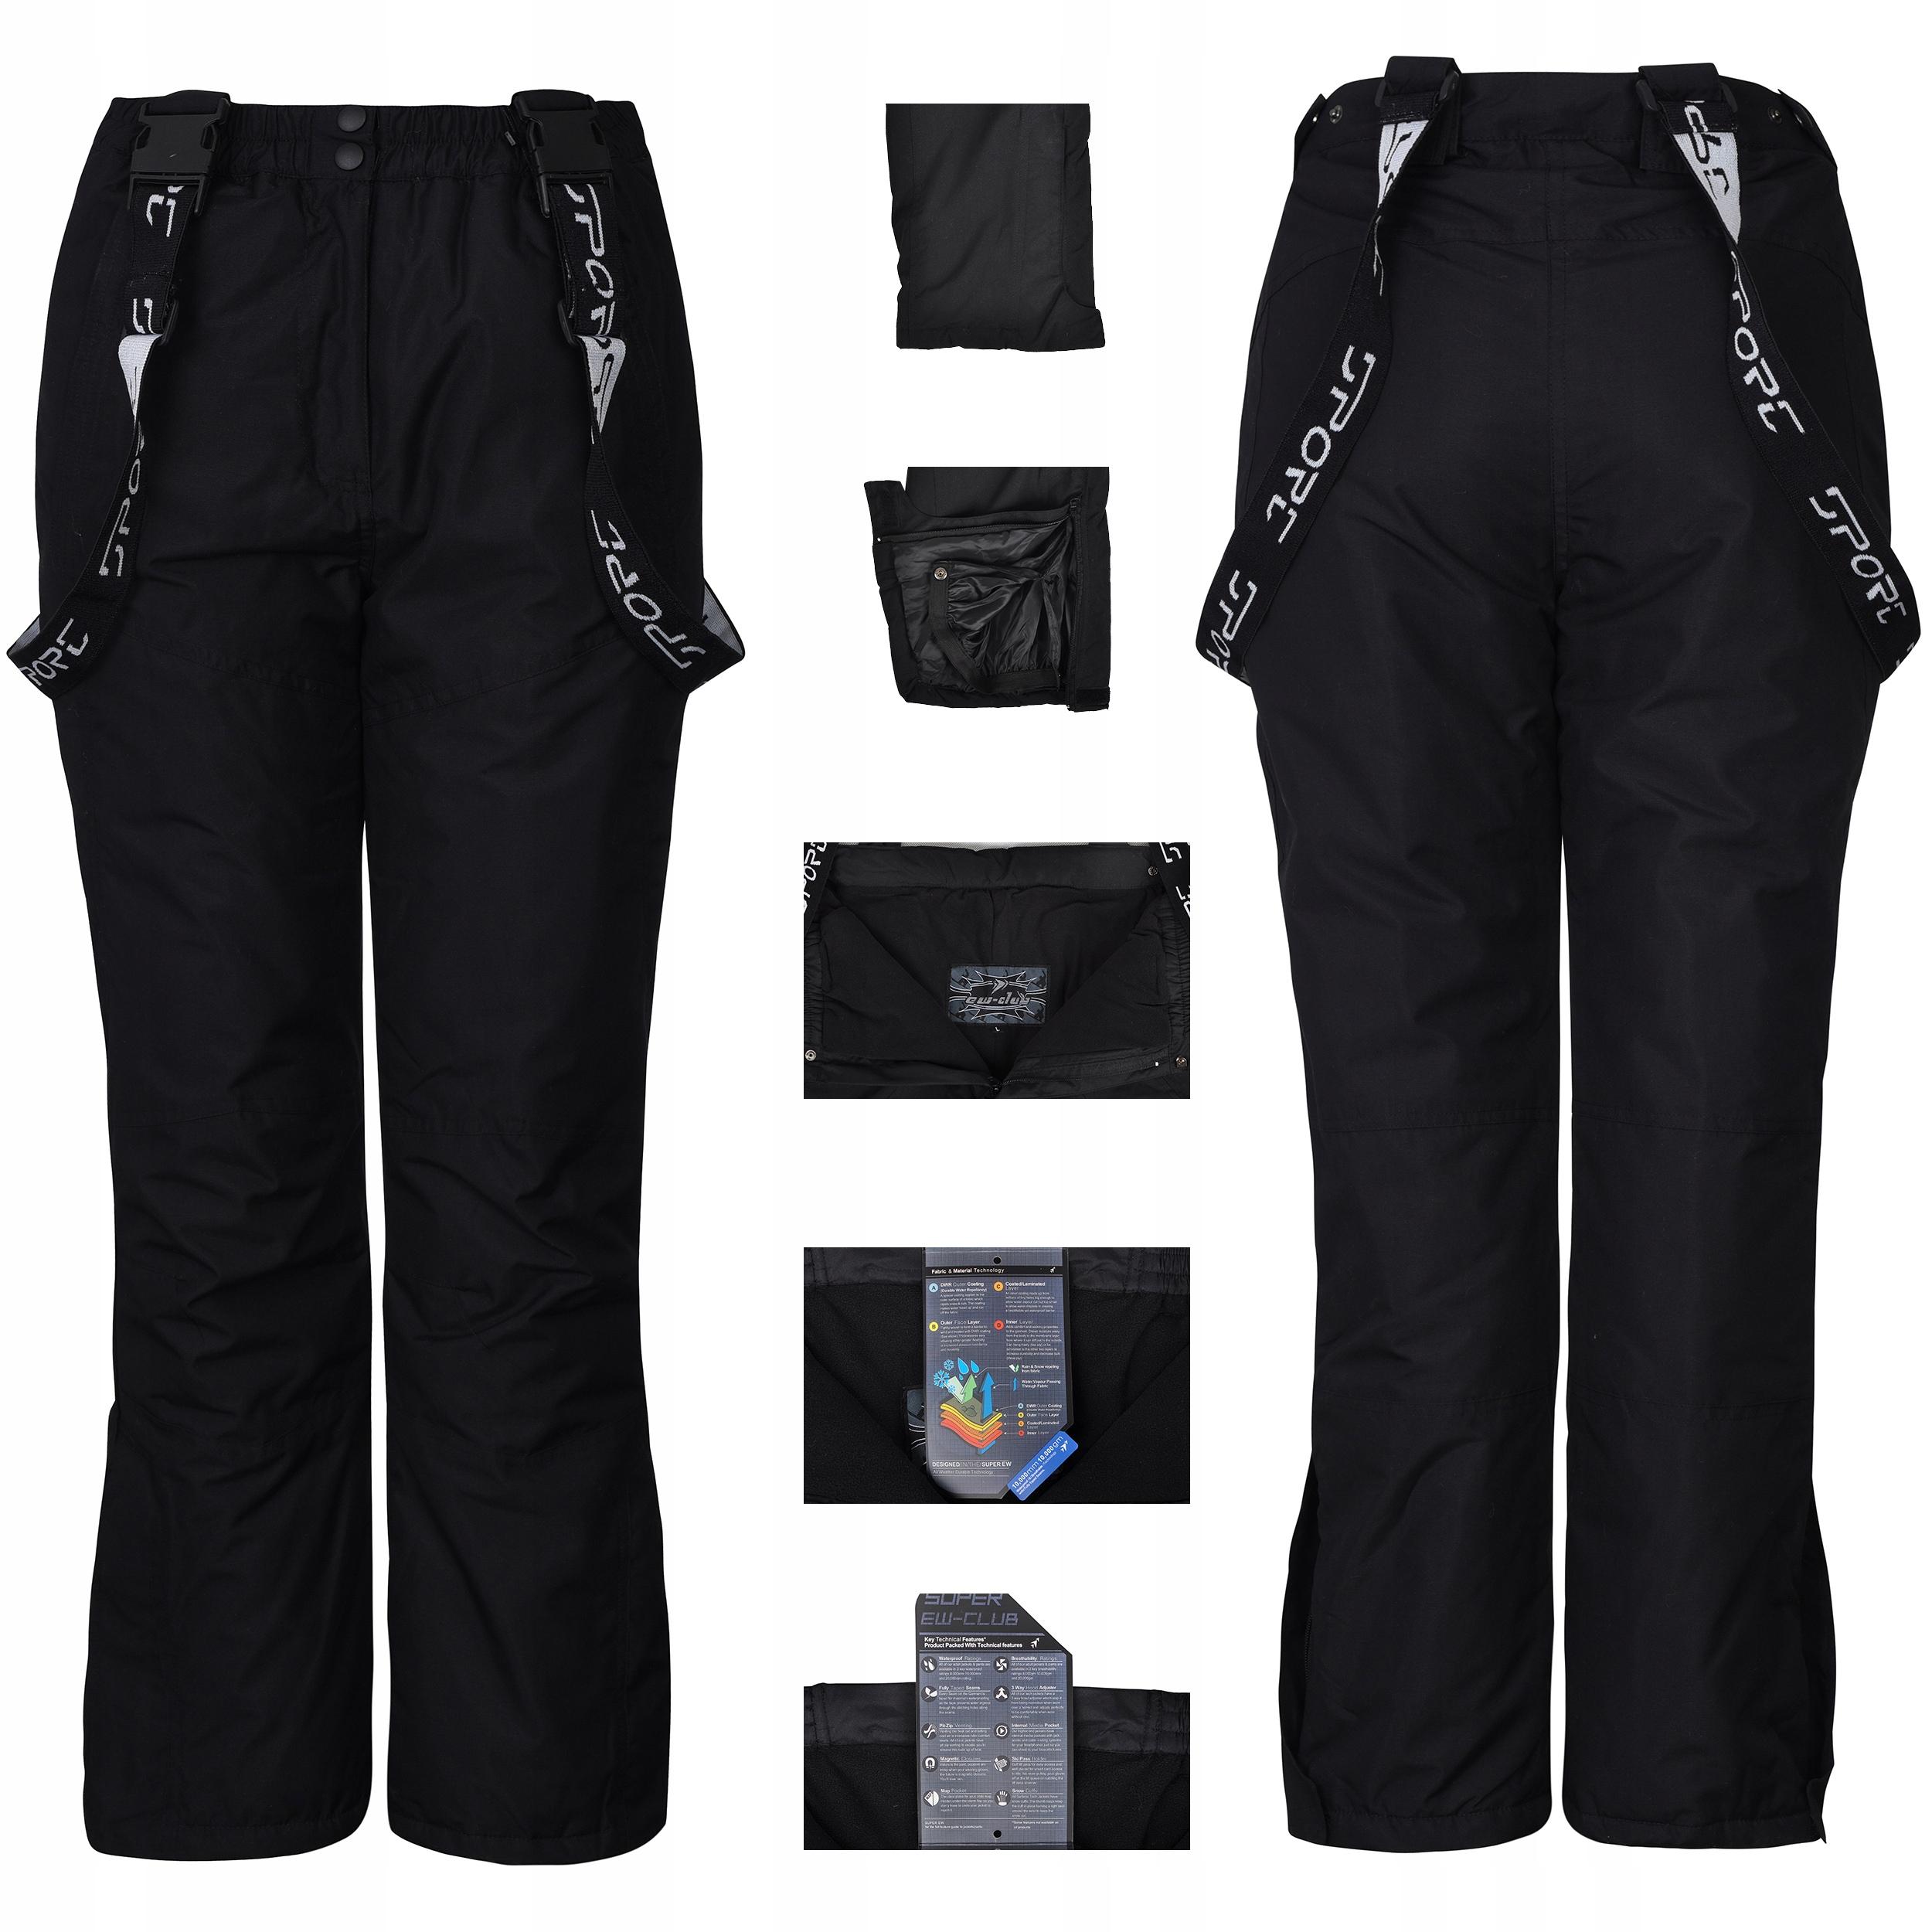 L19 гл. Лыжные брюки ЖЕНСКИЕ XL 10.000